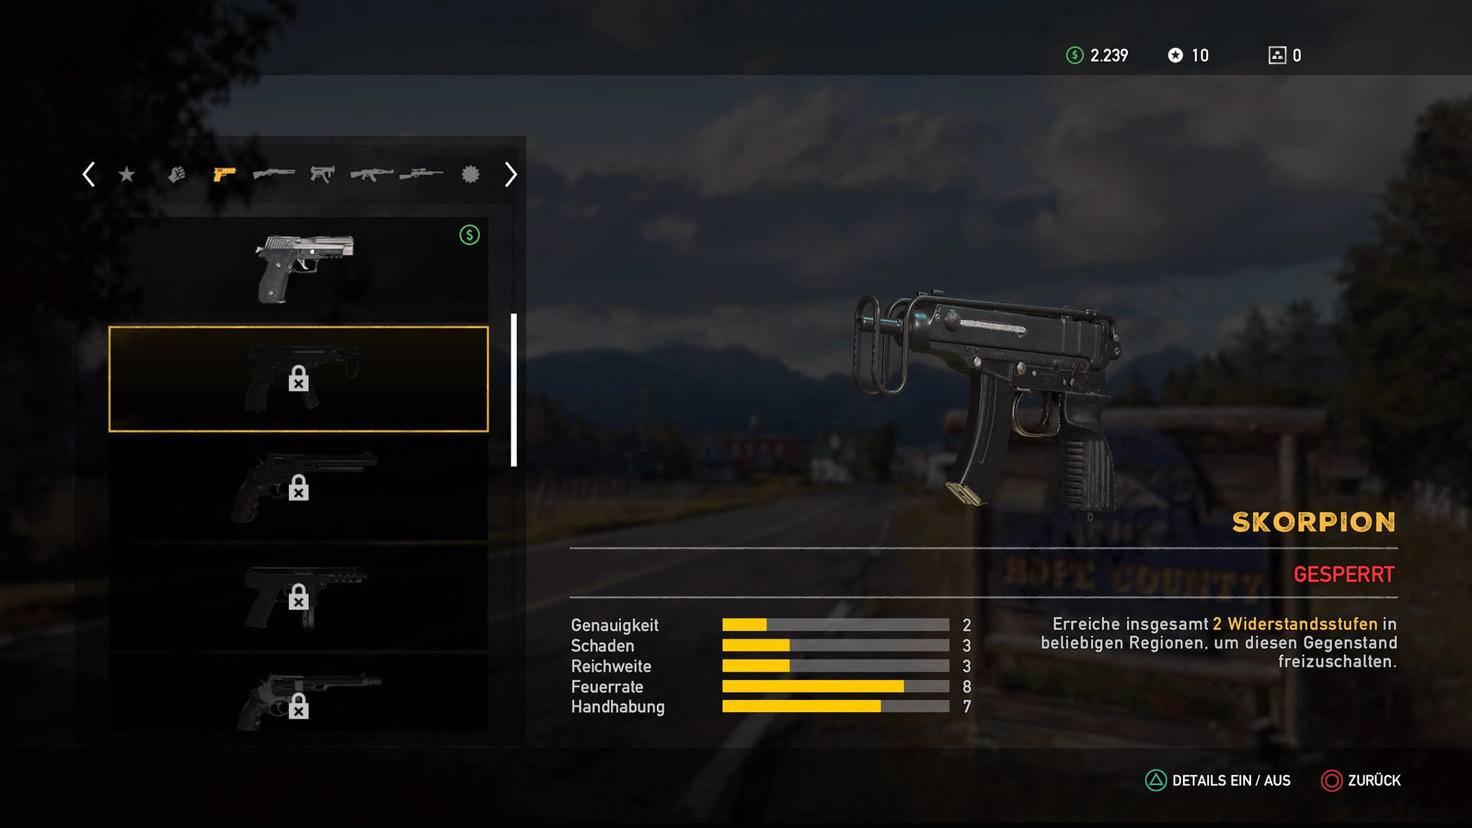 Far-Cry-5-Waffen-Skorpion